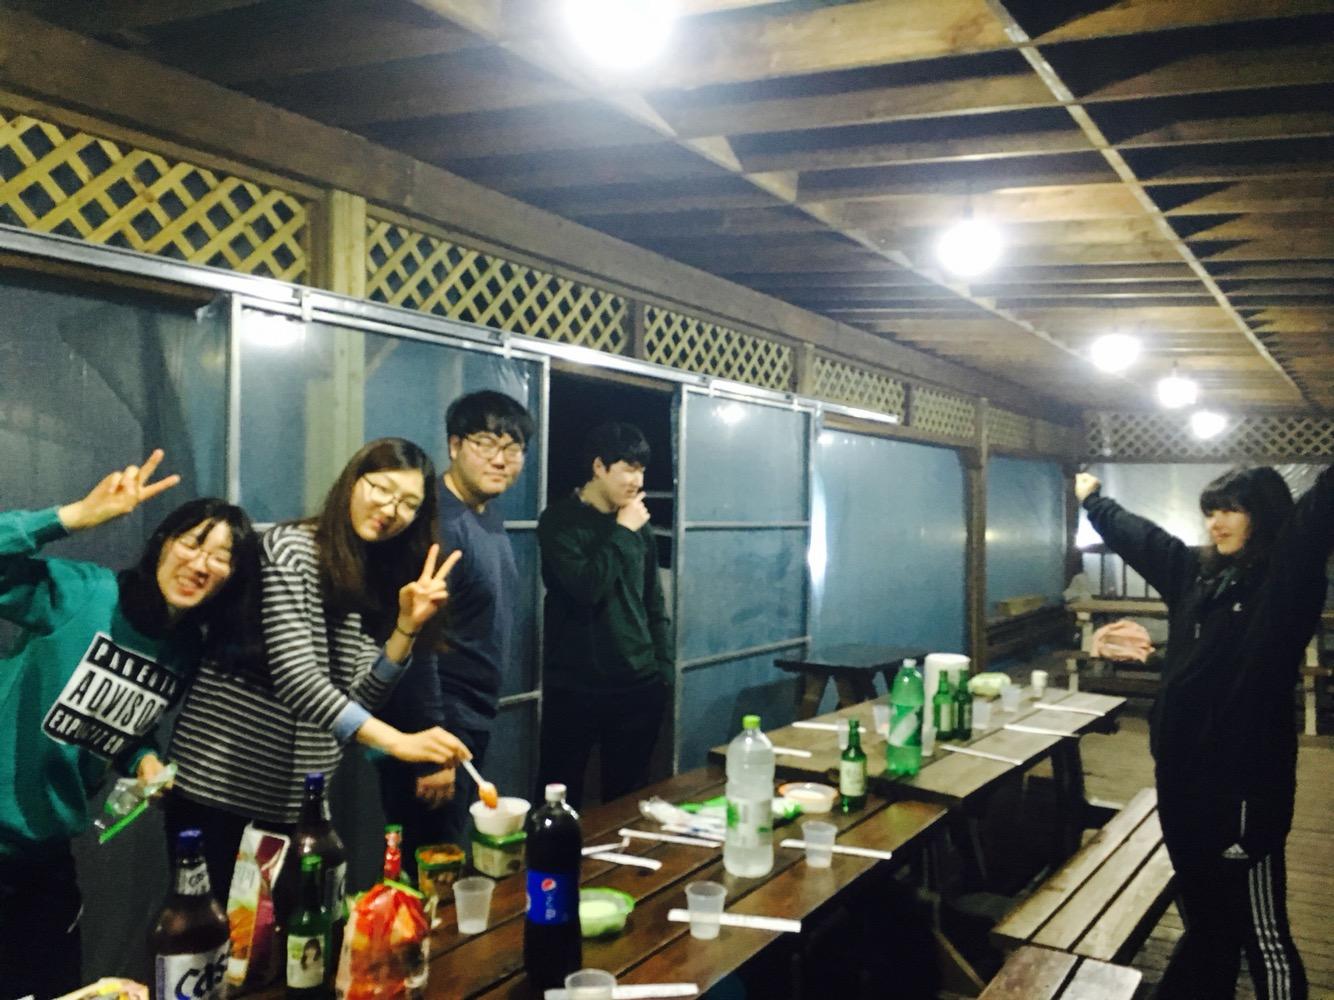 2016.02.12_김해롯데워터파크 MT (31).JPG